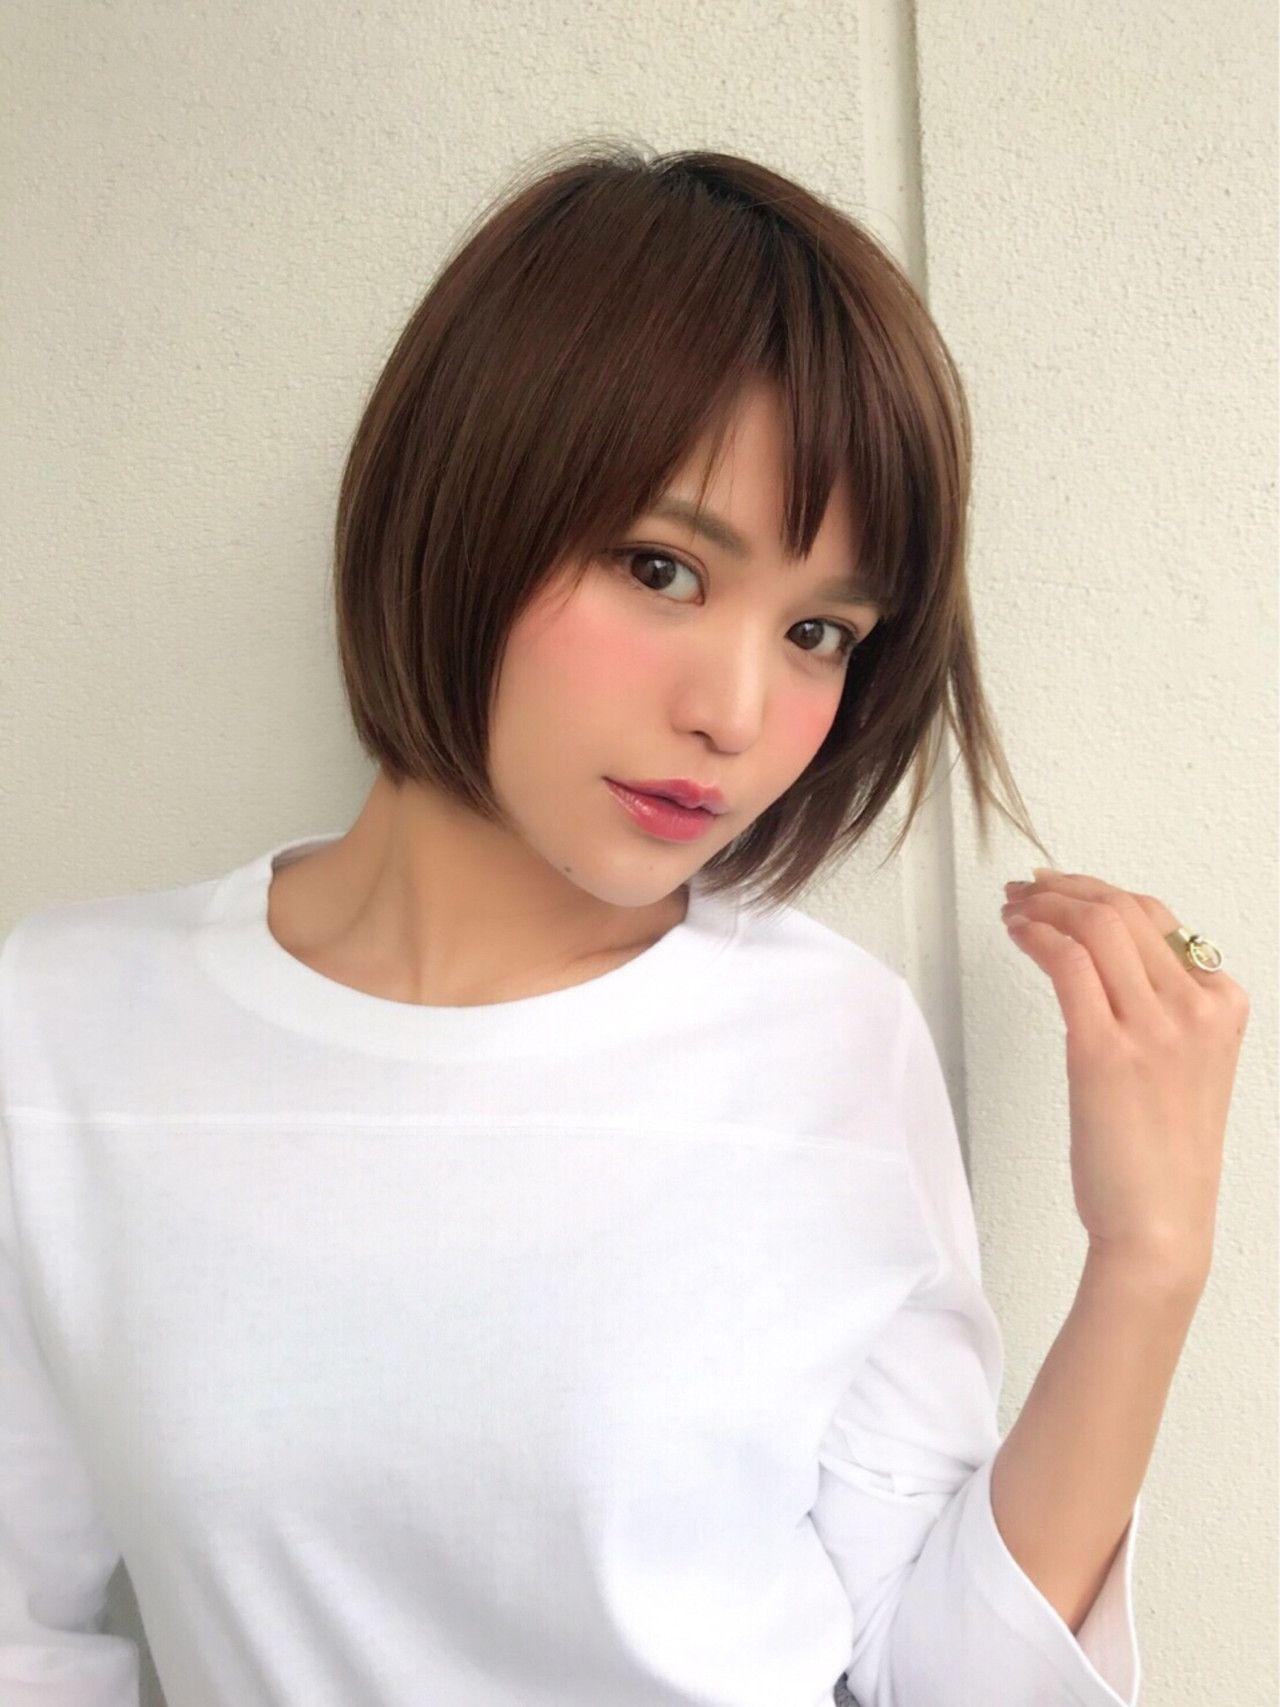 本田翼さん風ショート ストレートでもさまになる 髪型 ヘア